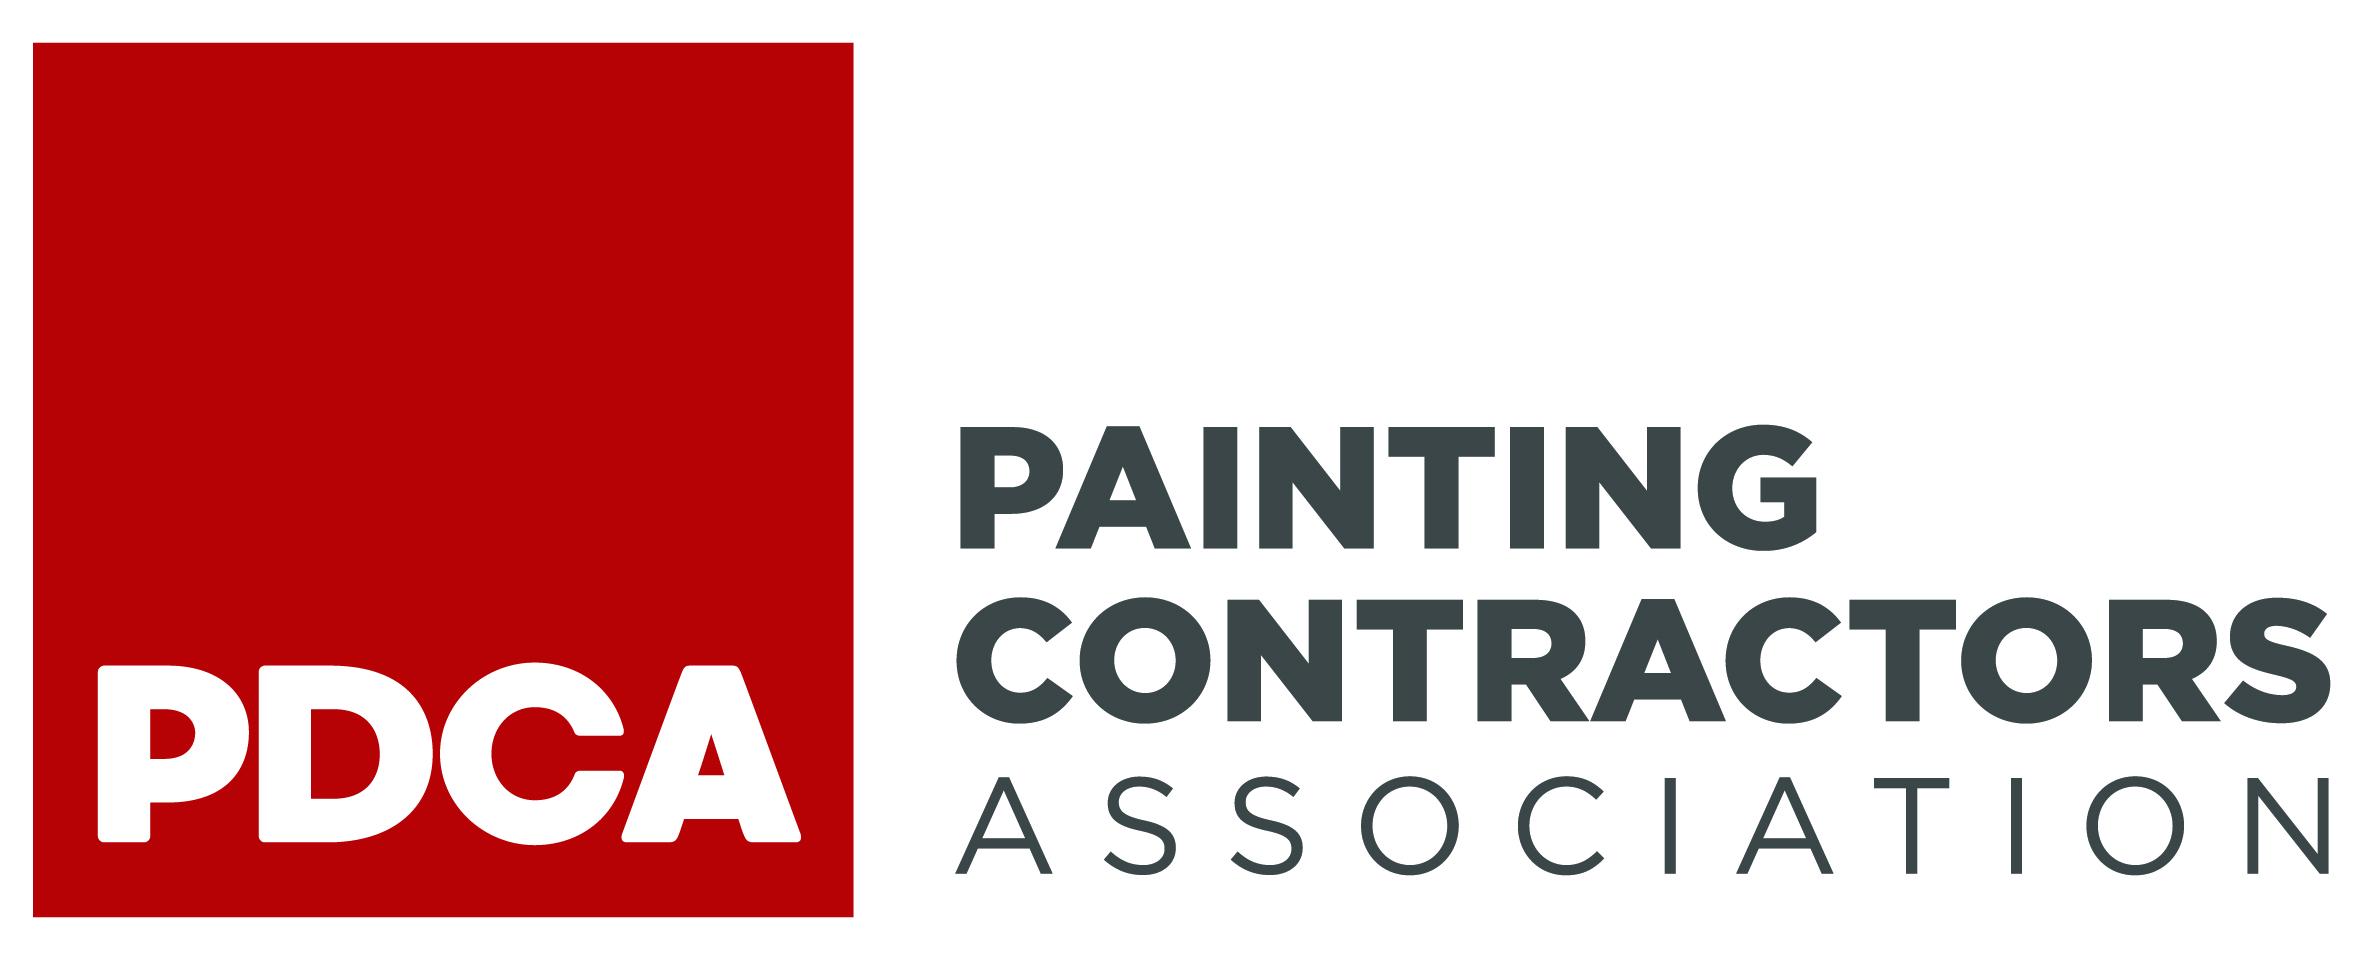 PDCA-Logo-Main.jpg